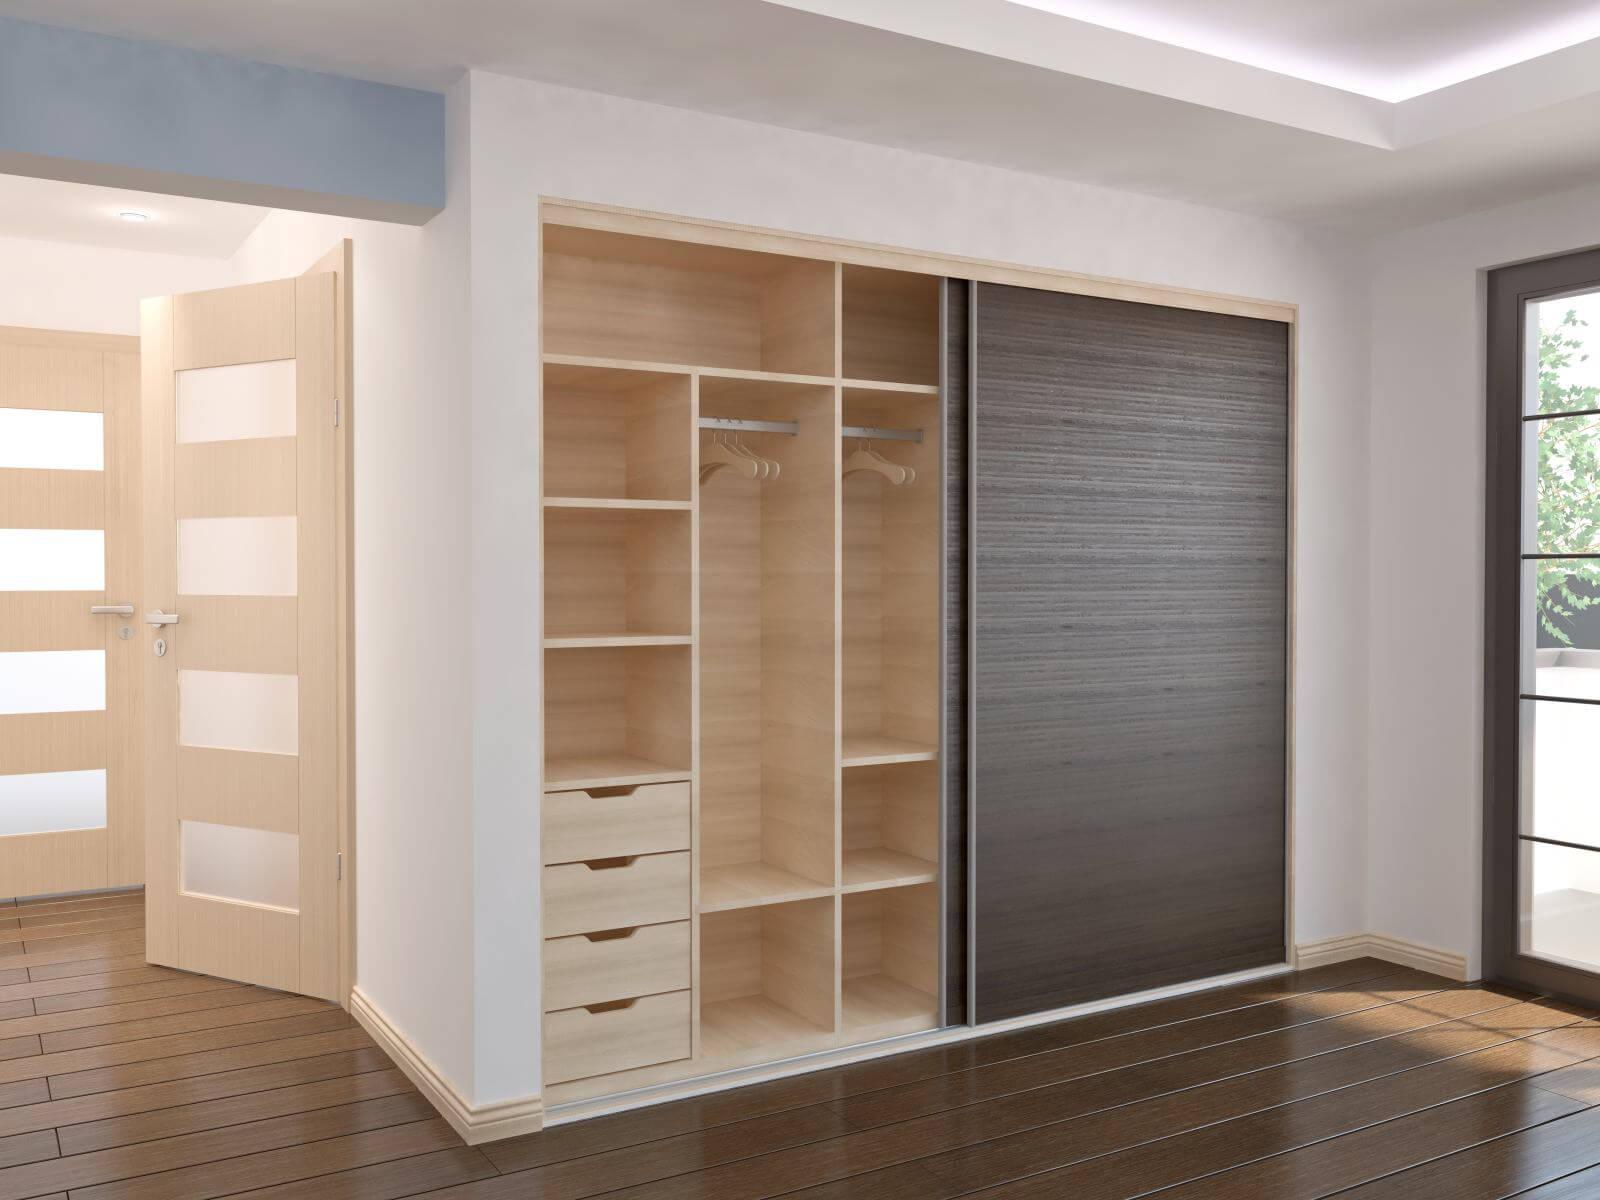 Wardrobe - Sliding doors - interior